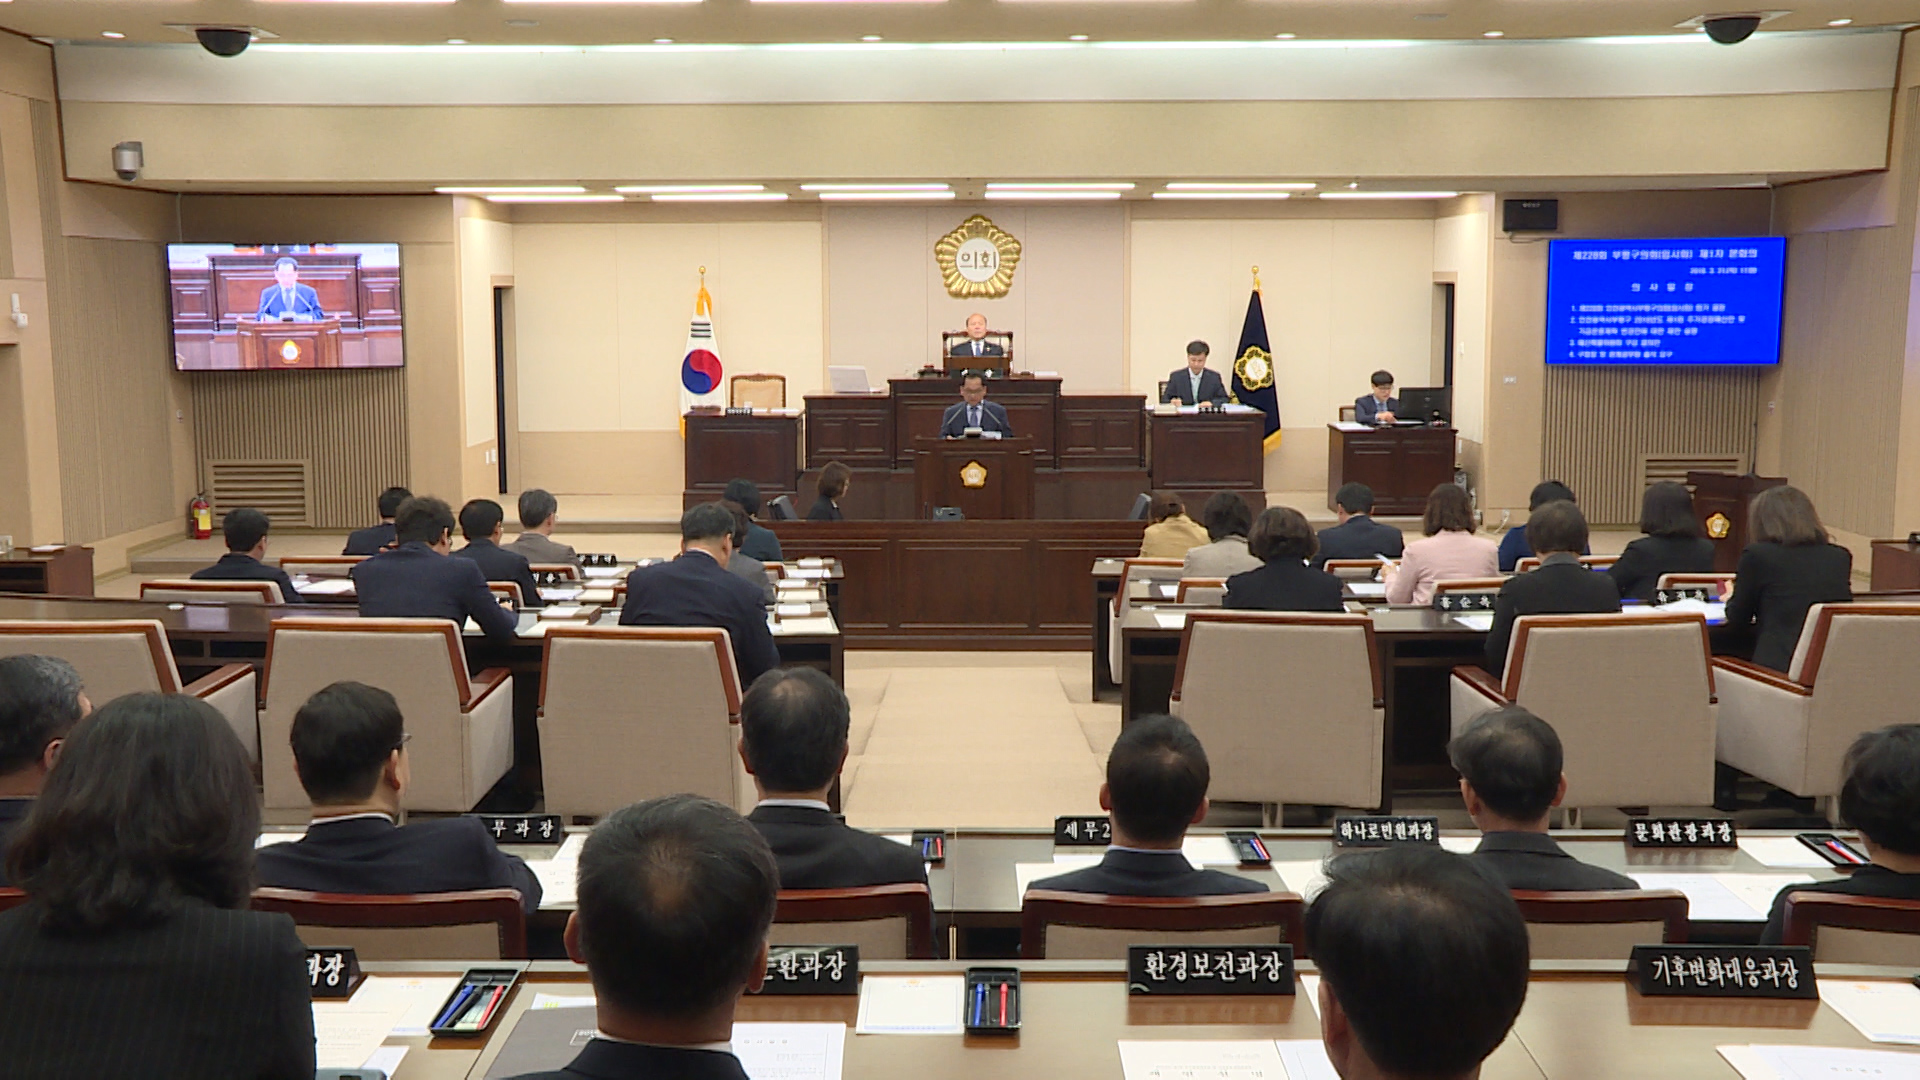 2019 의정돋보기 2회 <제228회 부평구의회 임시회 안내> 대표이미지